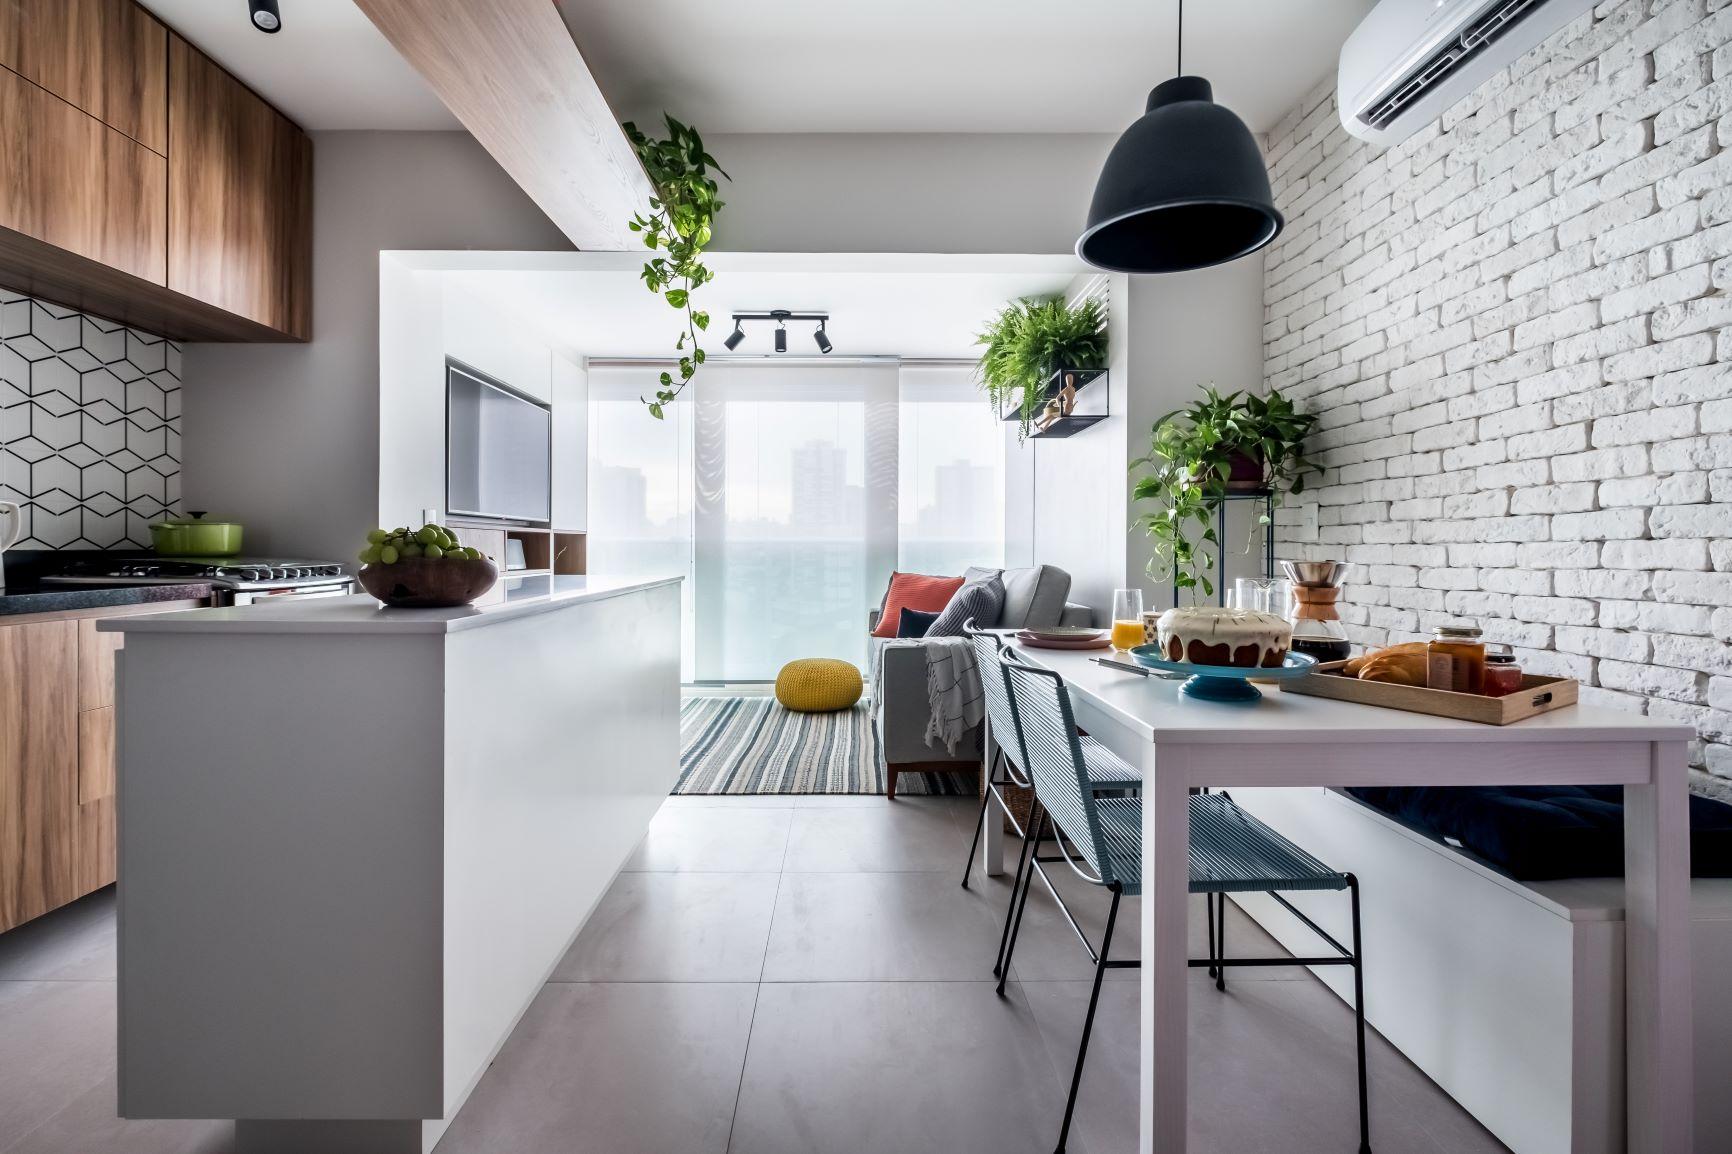 Apartamento com cozinha, sala de jantar e estar integrados. Uma ilha central na cozinha. Paredes revestidas com tijolinhos aparentes, cimento queimado e azulejos geométricos. Além de plantas na decoração.